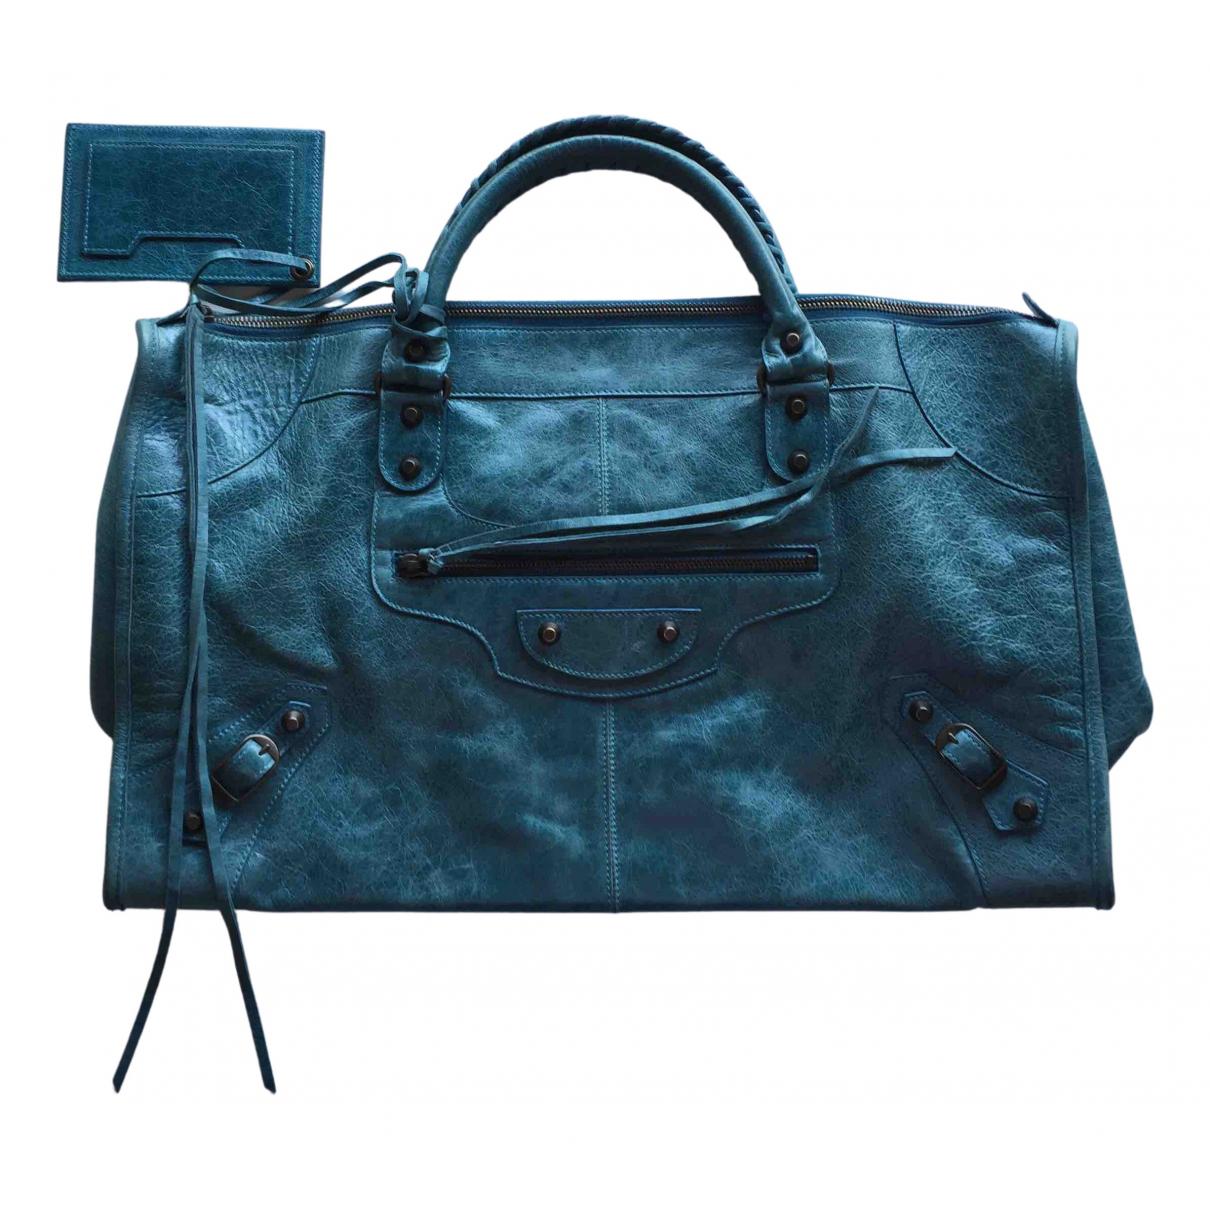 Balenciaga - Sac a main Work pour femme en cuir - vert